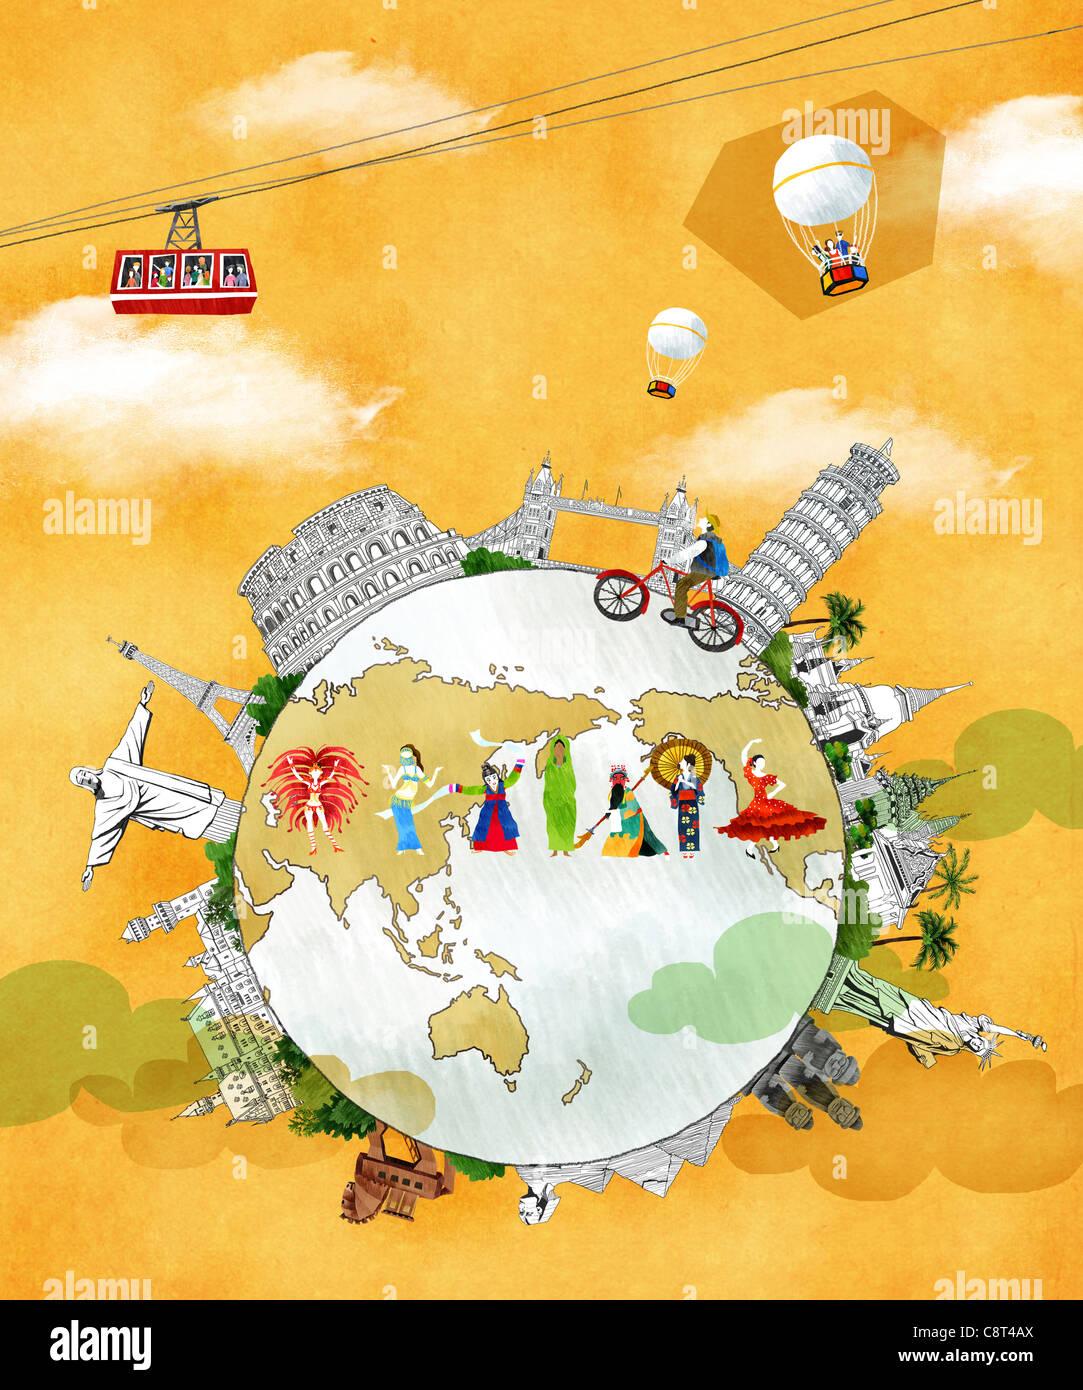 Mundo y cultura tradicional con hito internacional Imagen De Stock